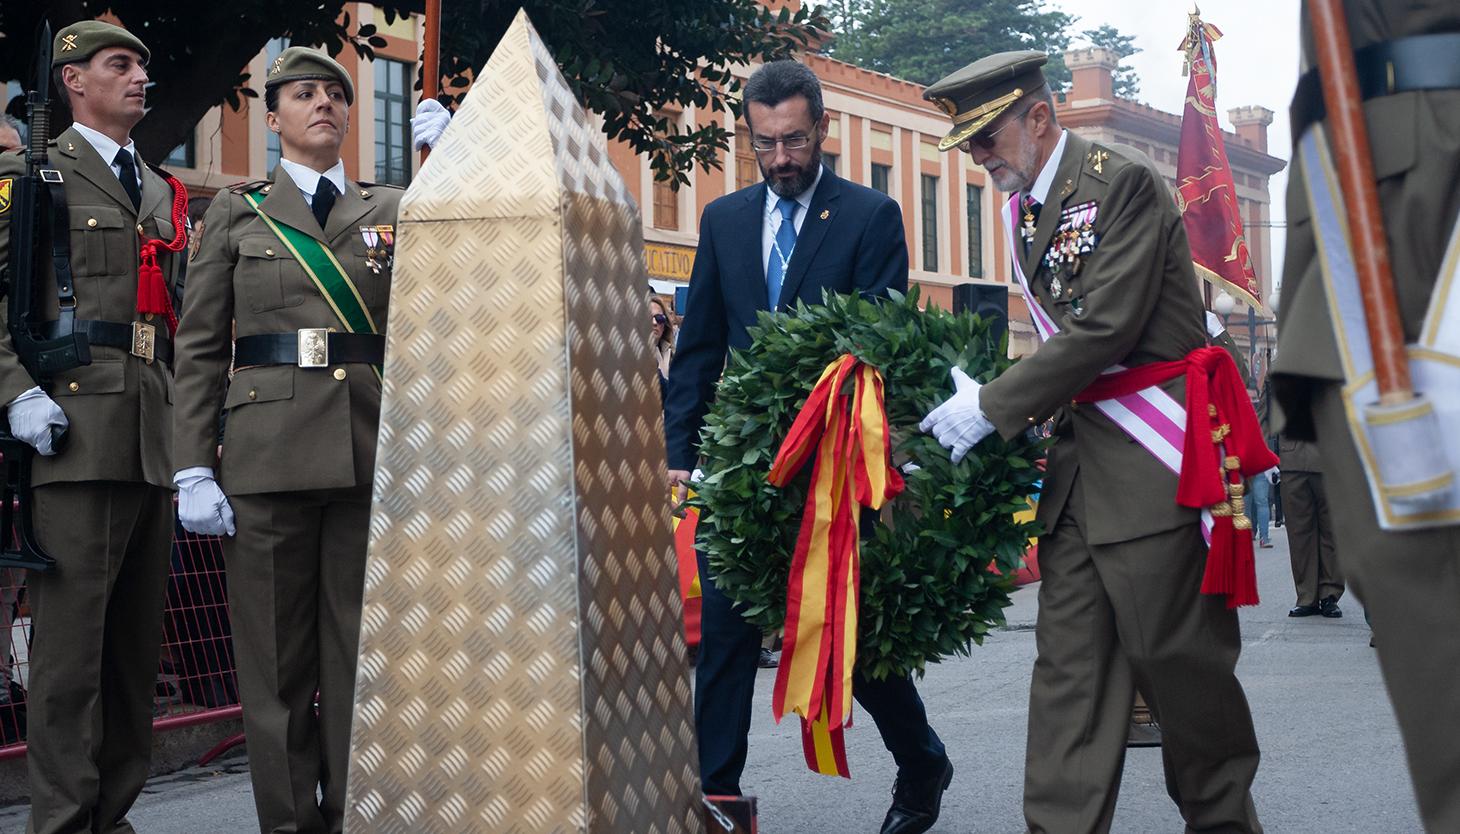 El alcalde Juan Franco y el general de división Antonio Romero depositan una corona en recuerdo a los caídos. Foto Sergio Rodríguez